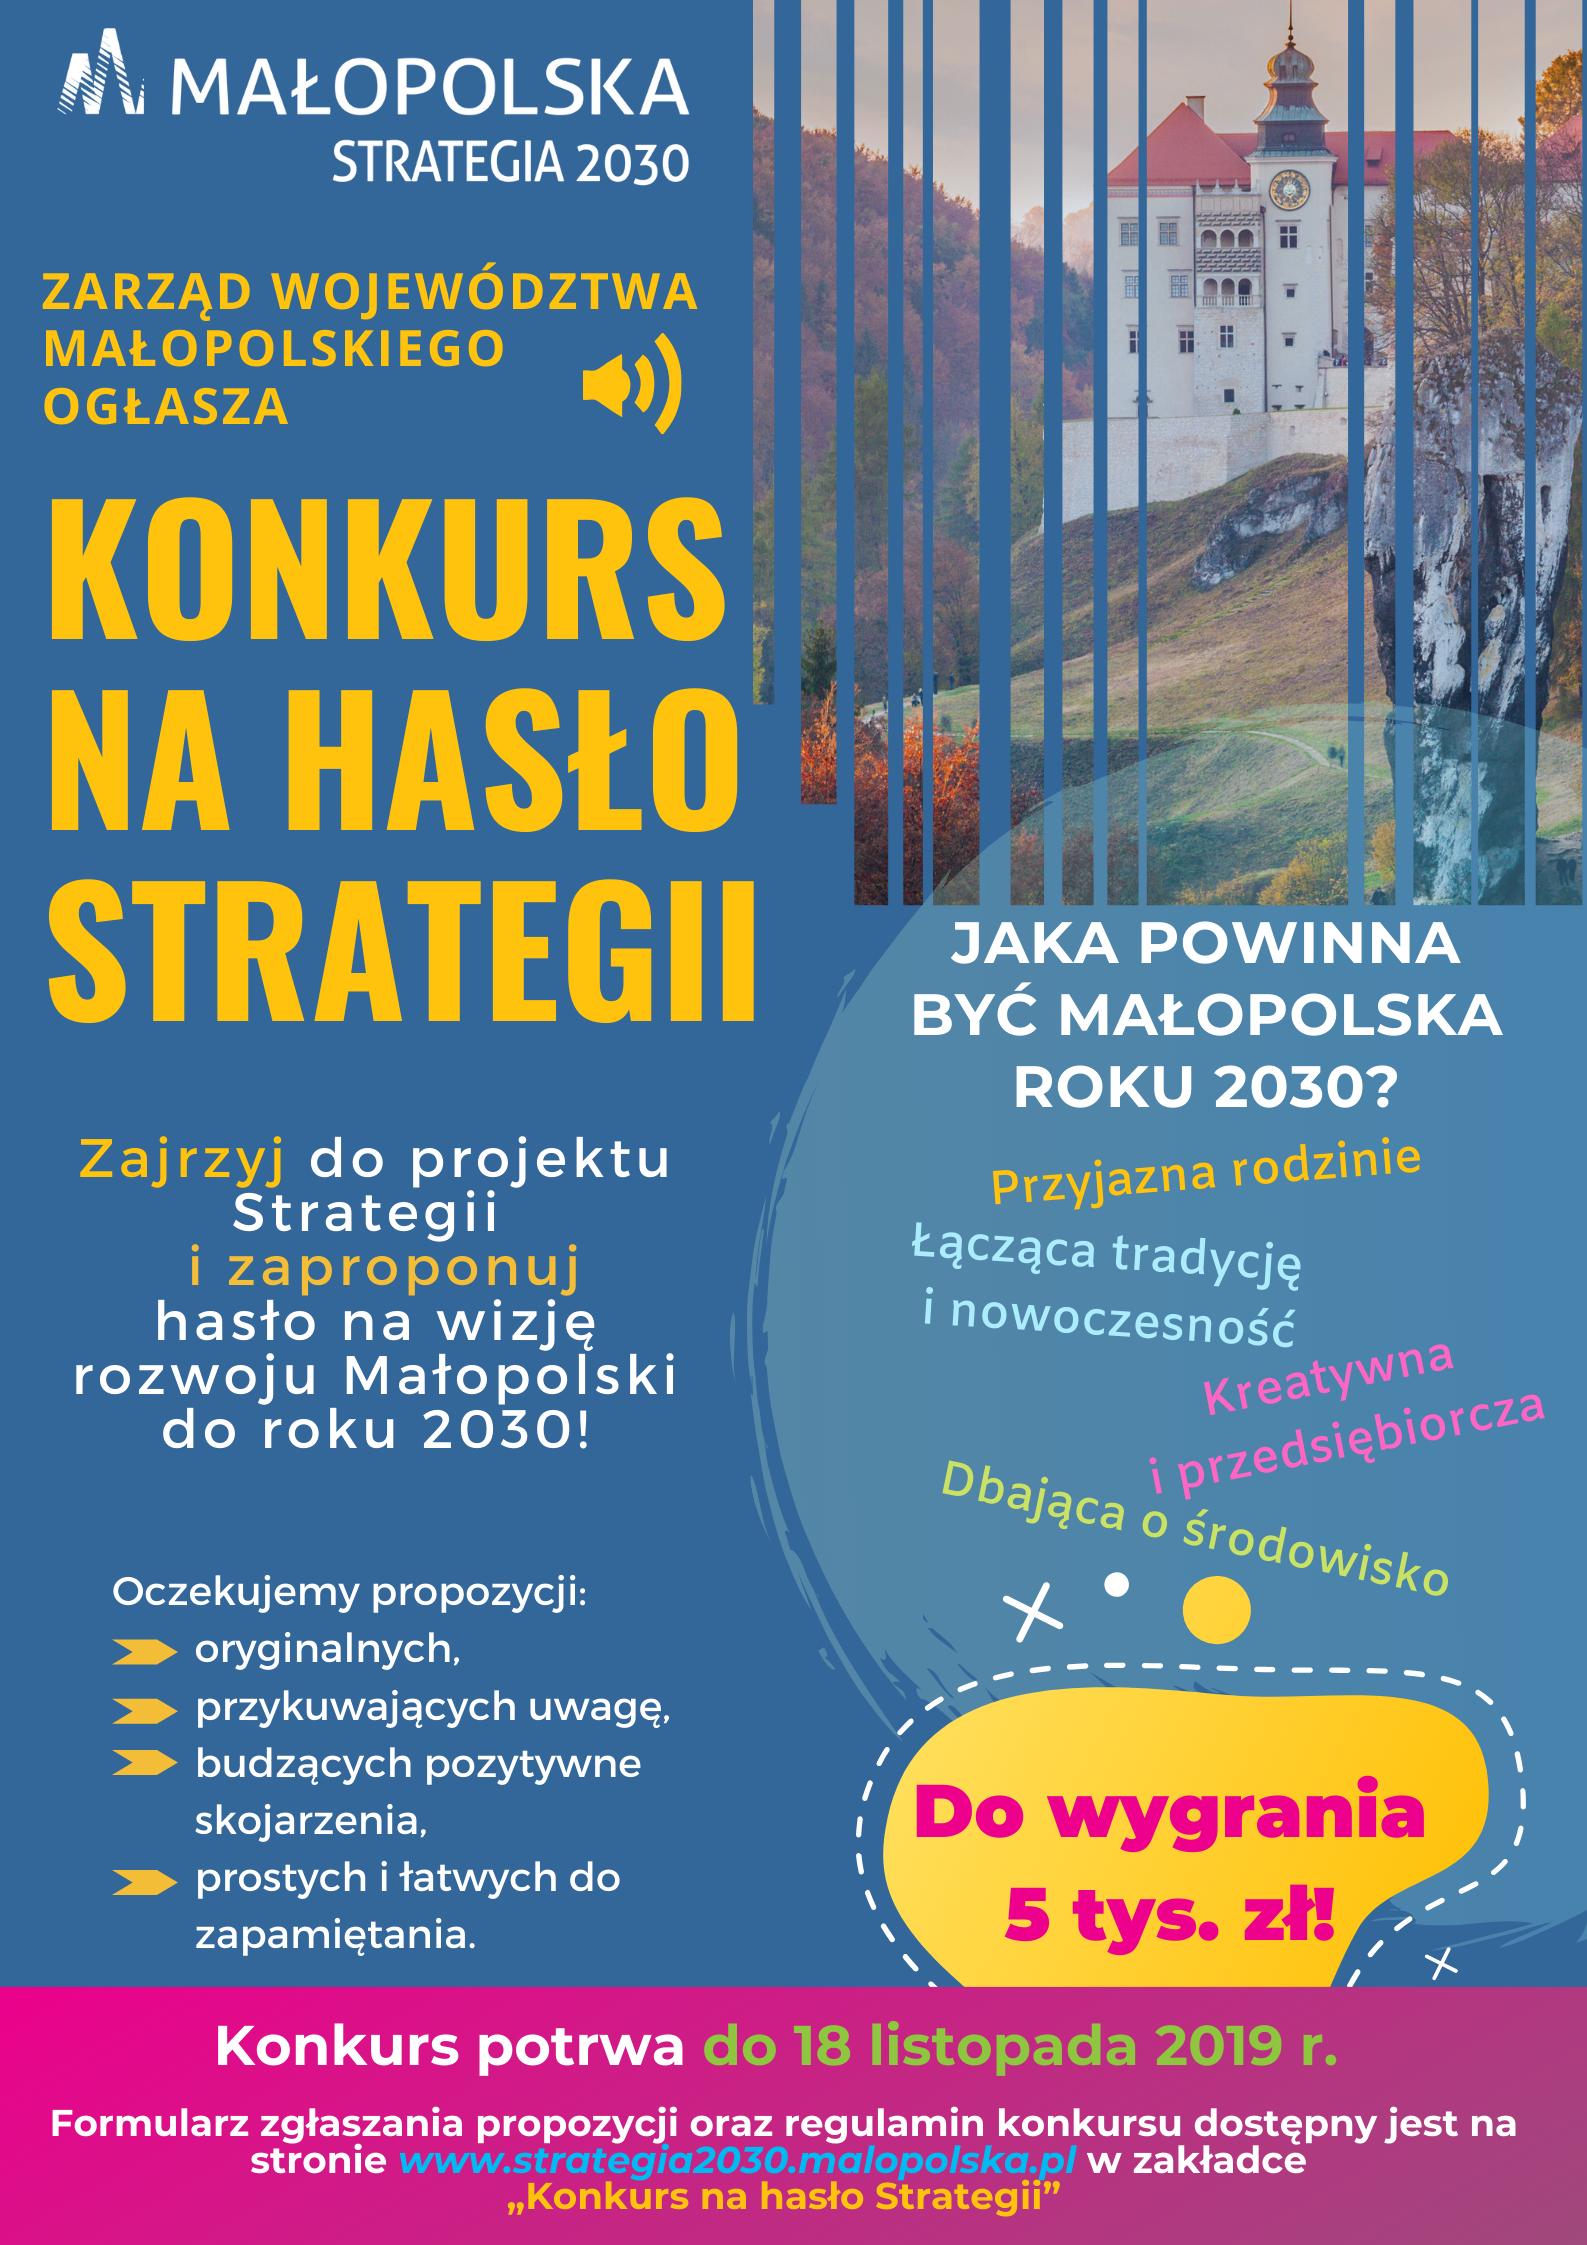 Konkurs na Hasło Strategii Rozwoju Województwa Małopolskiego - Małopolska 2030 - zdjęcie główne